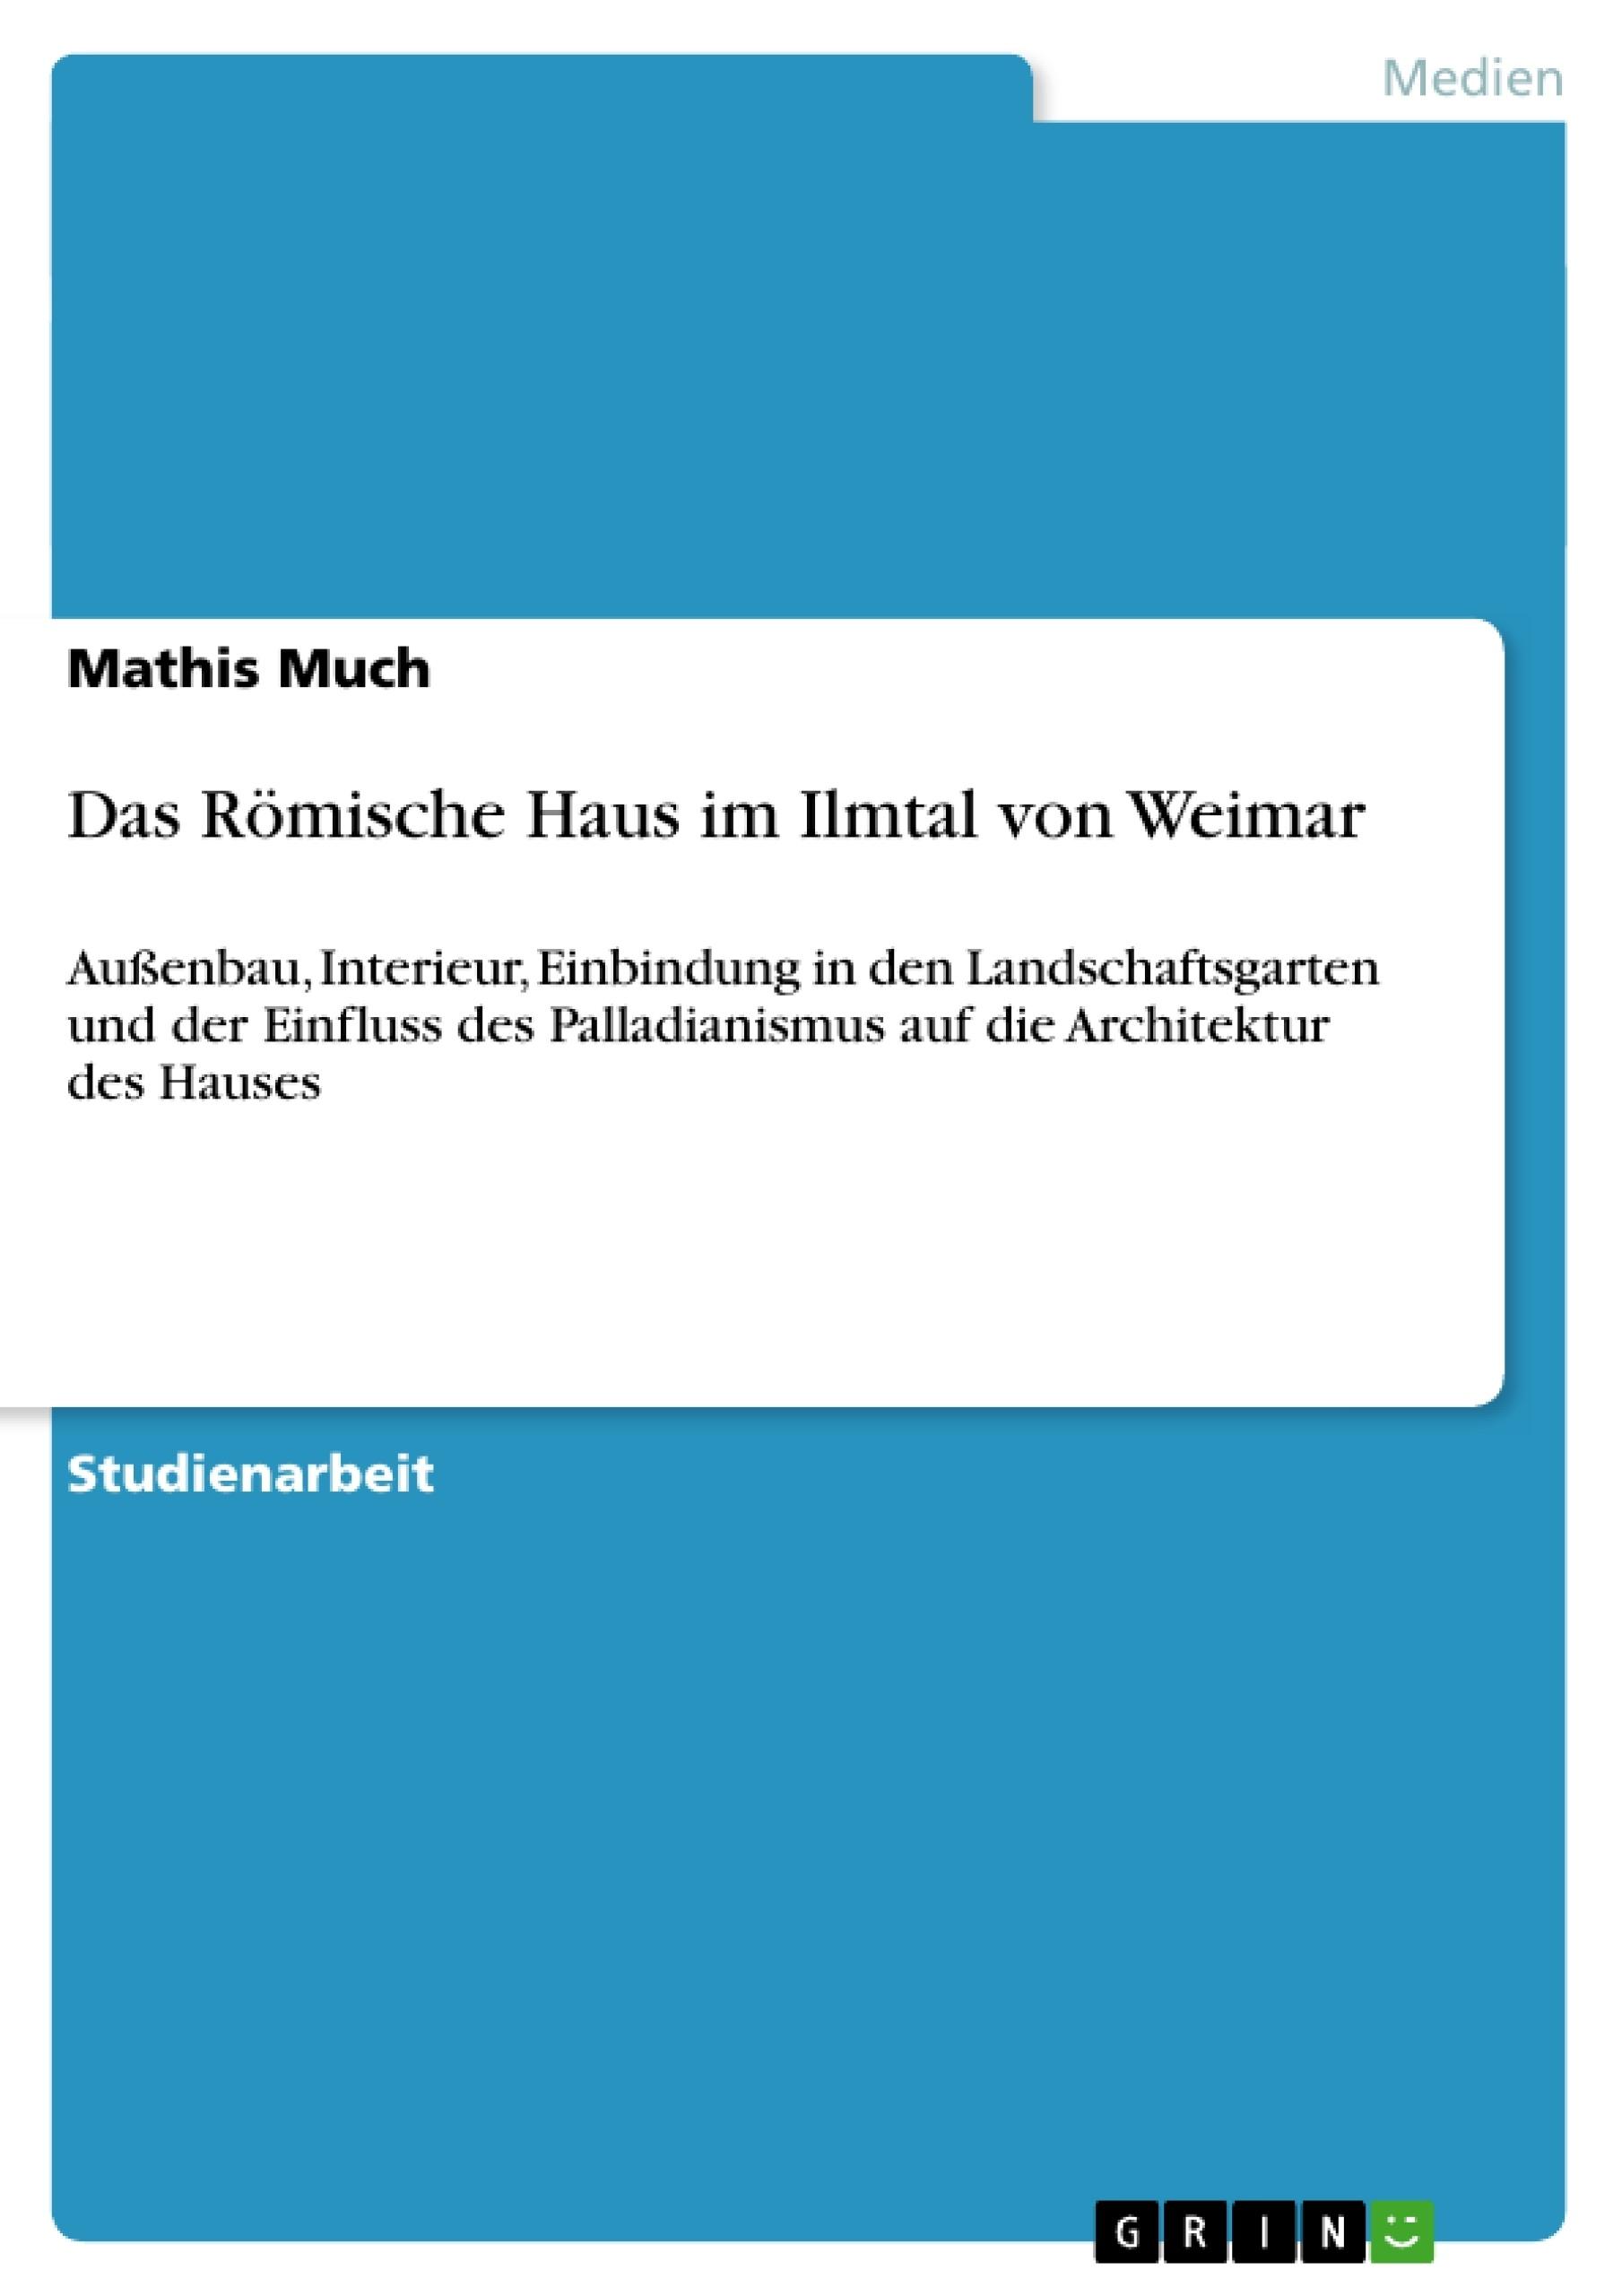 Titel: Das Römische Haus im Ilmtal von Weimar